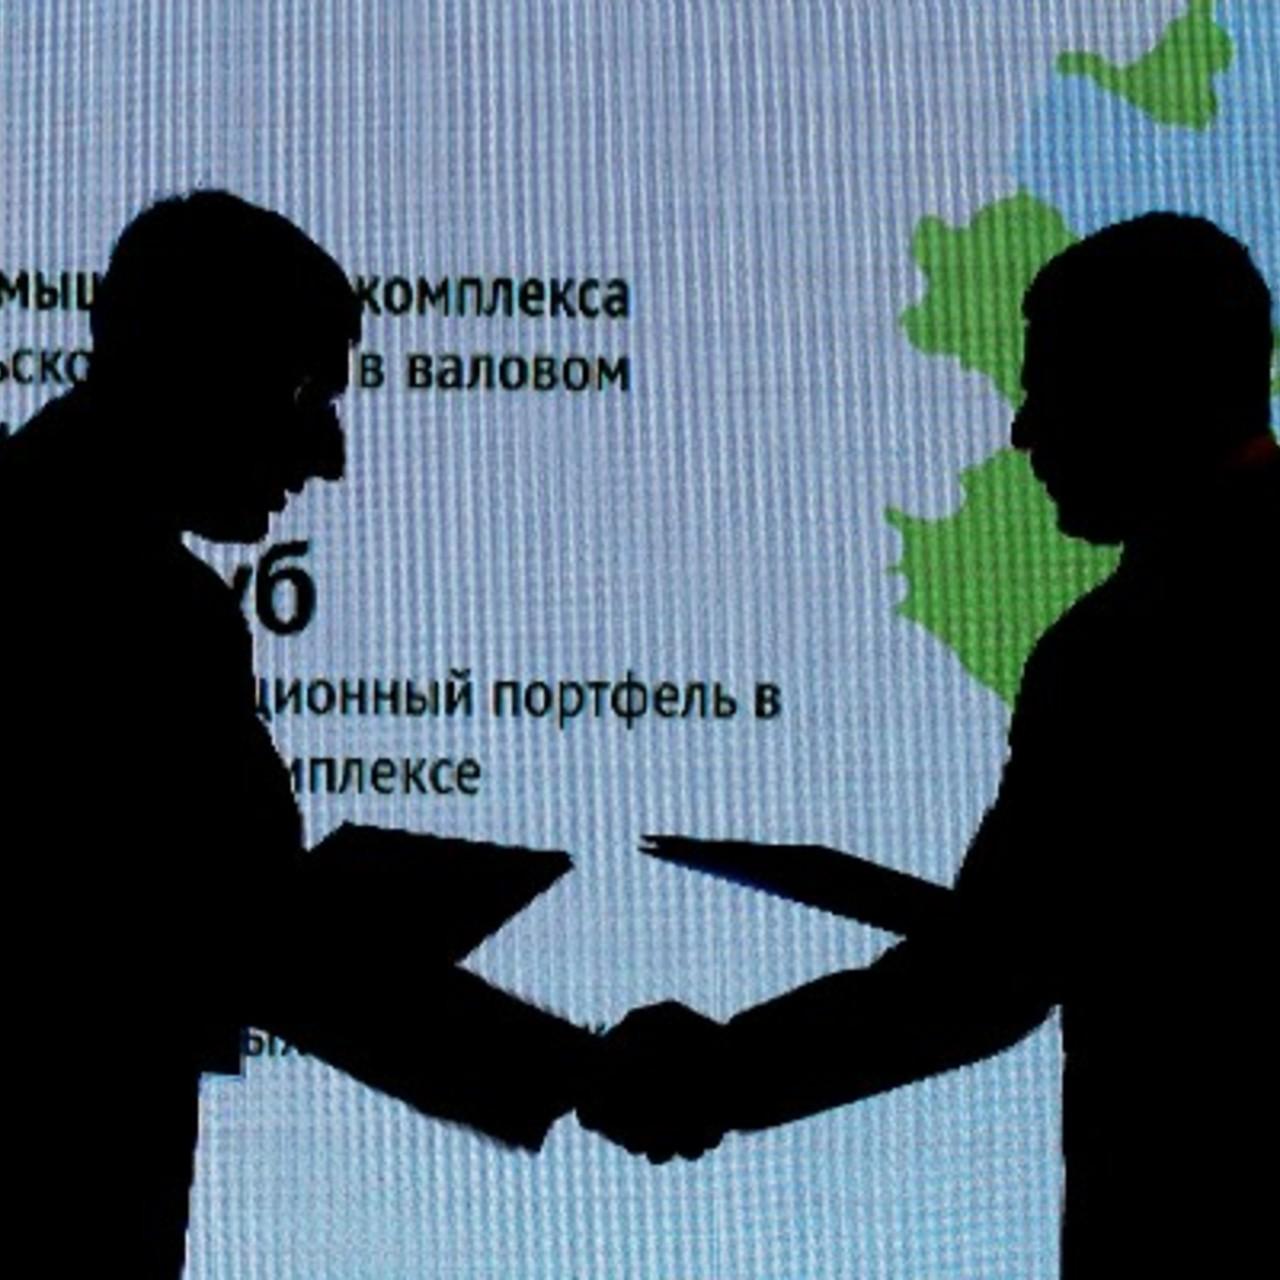 Теневая экономика в России